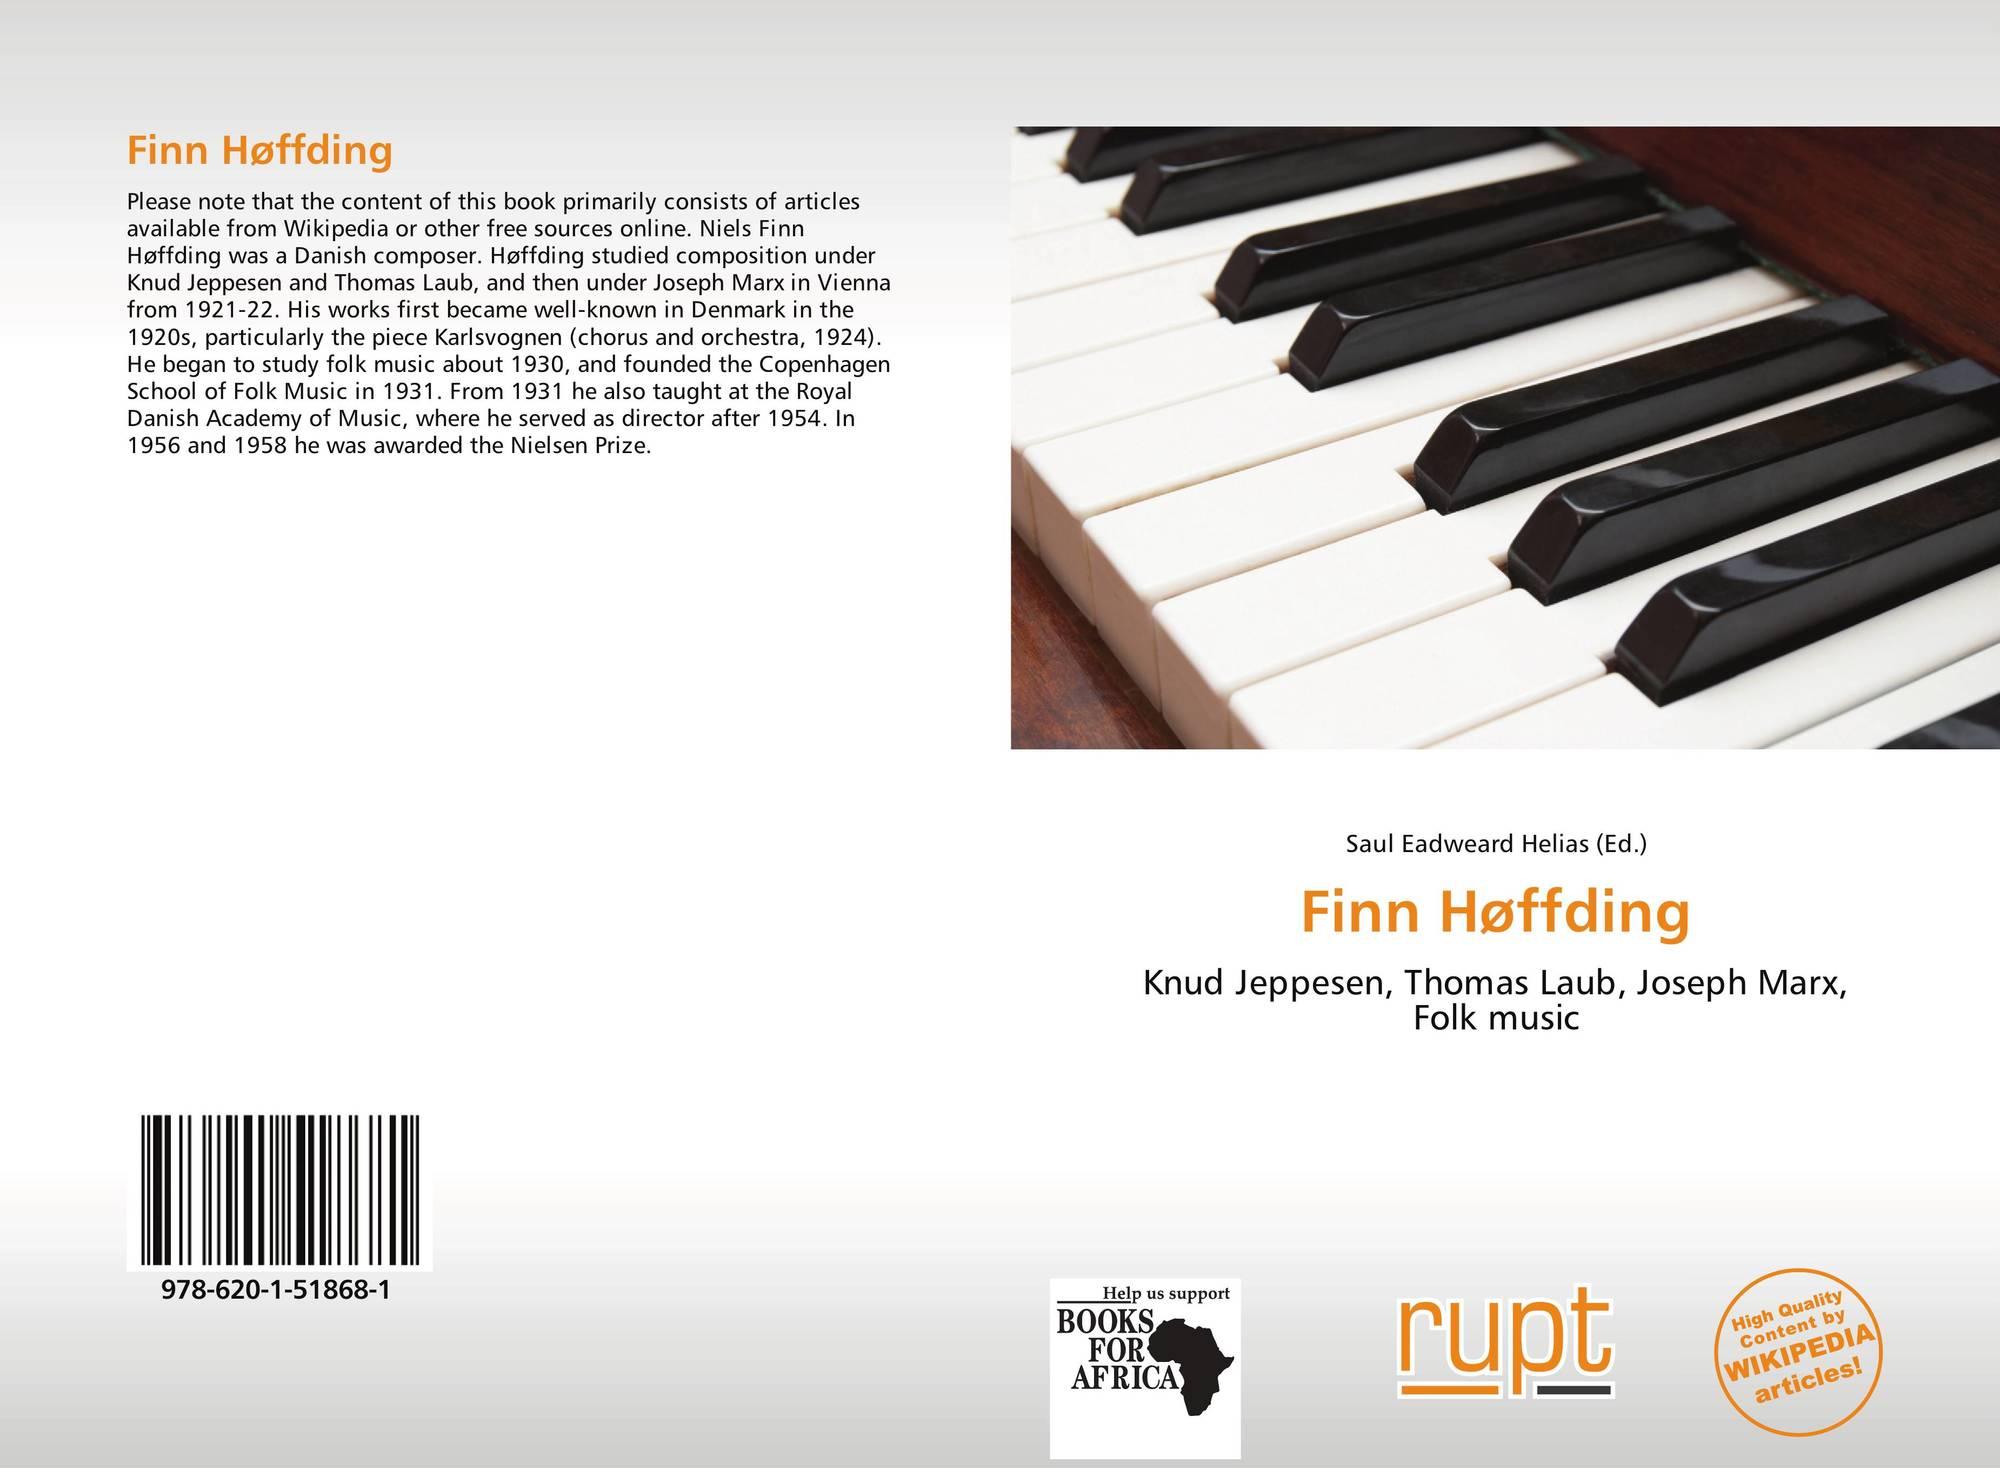 Finn Høffding, 978-620-1-51868-1, 6201518681 ,9786201518681